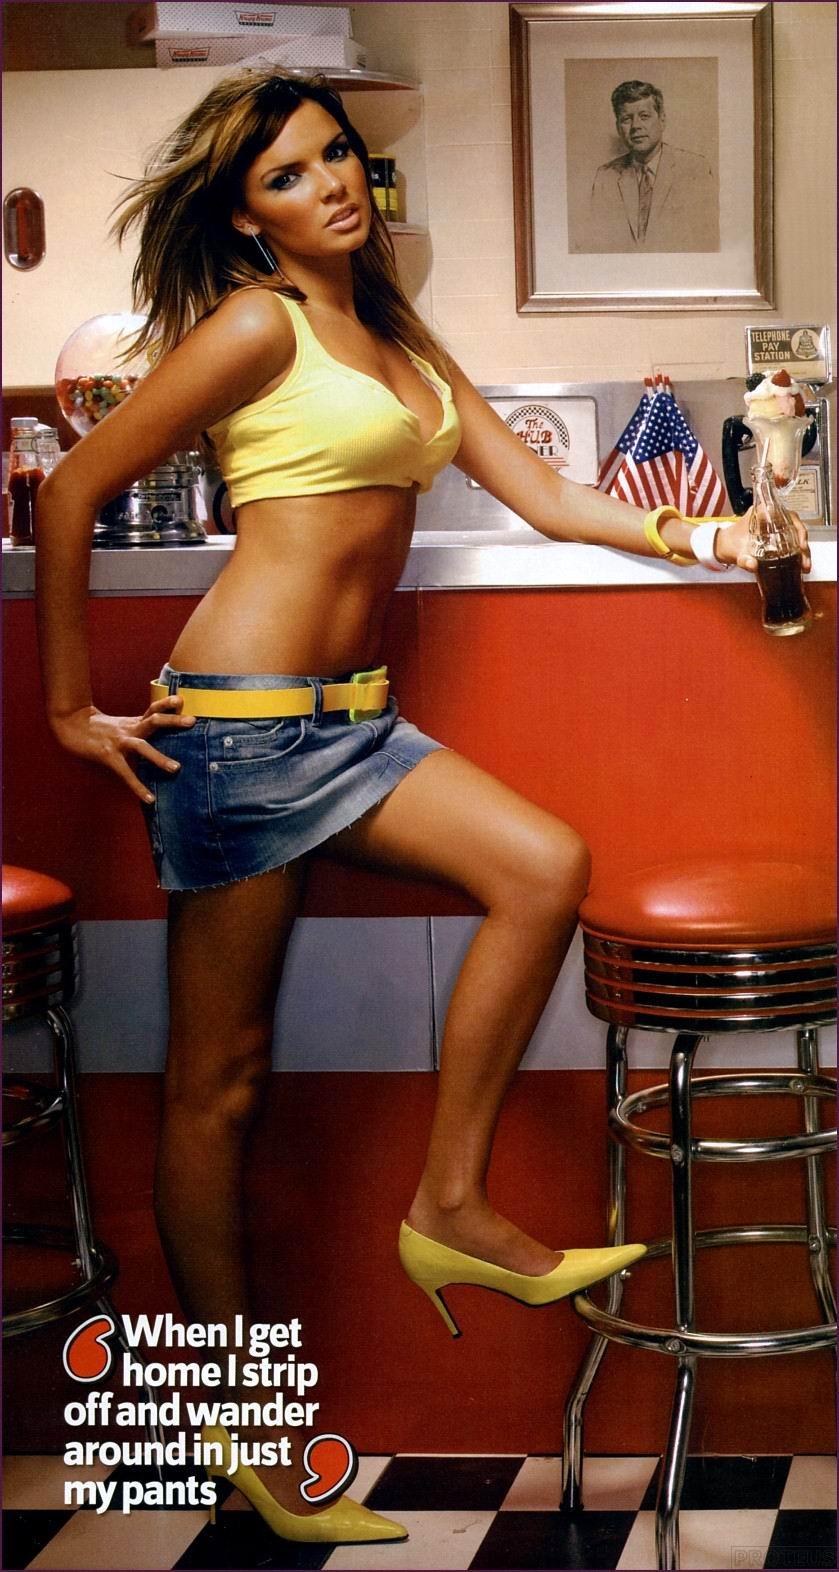 Skinny latina porn stars